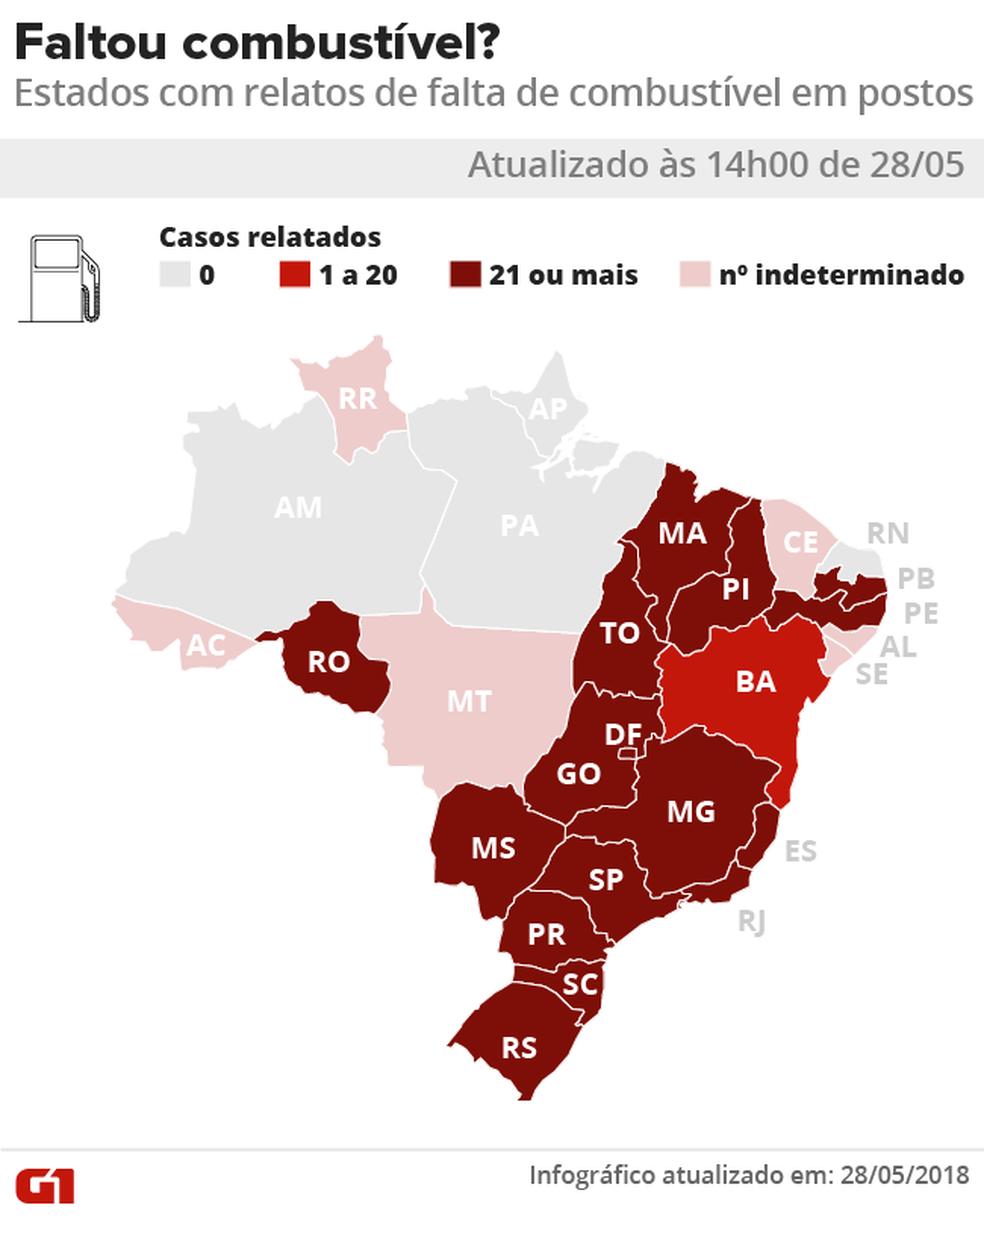 14h - Mapa mostra estados onde há postos sem combustível por causa da greve dos caminhoneiros (Foto: Karina Almeida/G1)